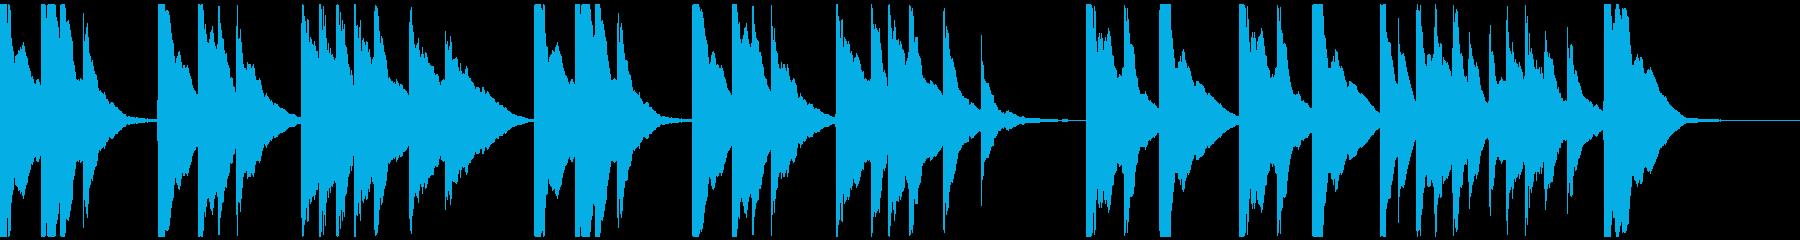 琴、シンプルBGM、和風な映像のバックの再生済みの波形